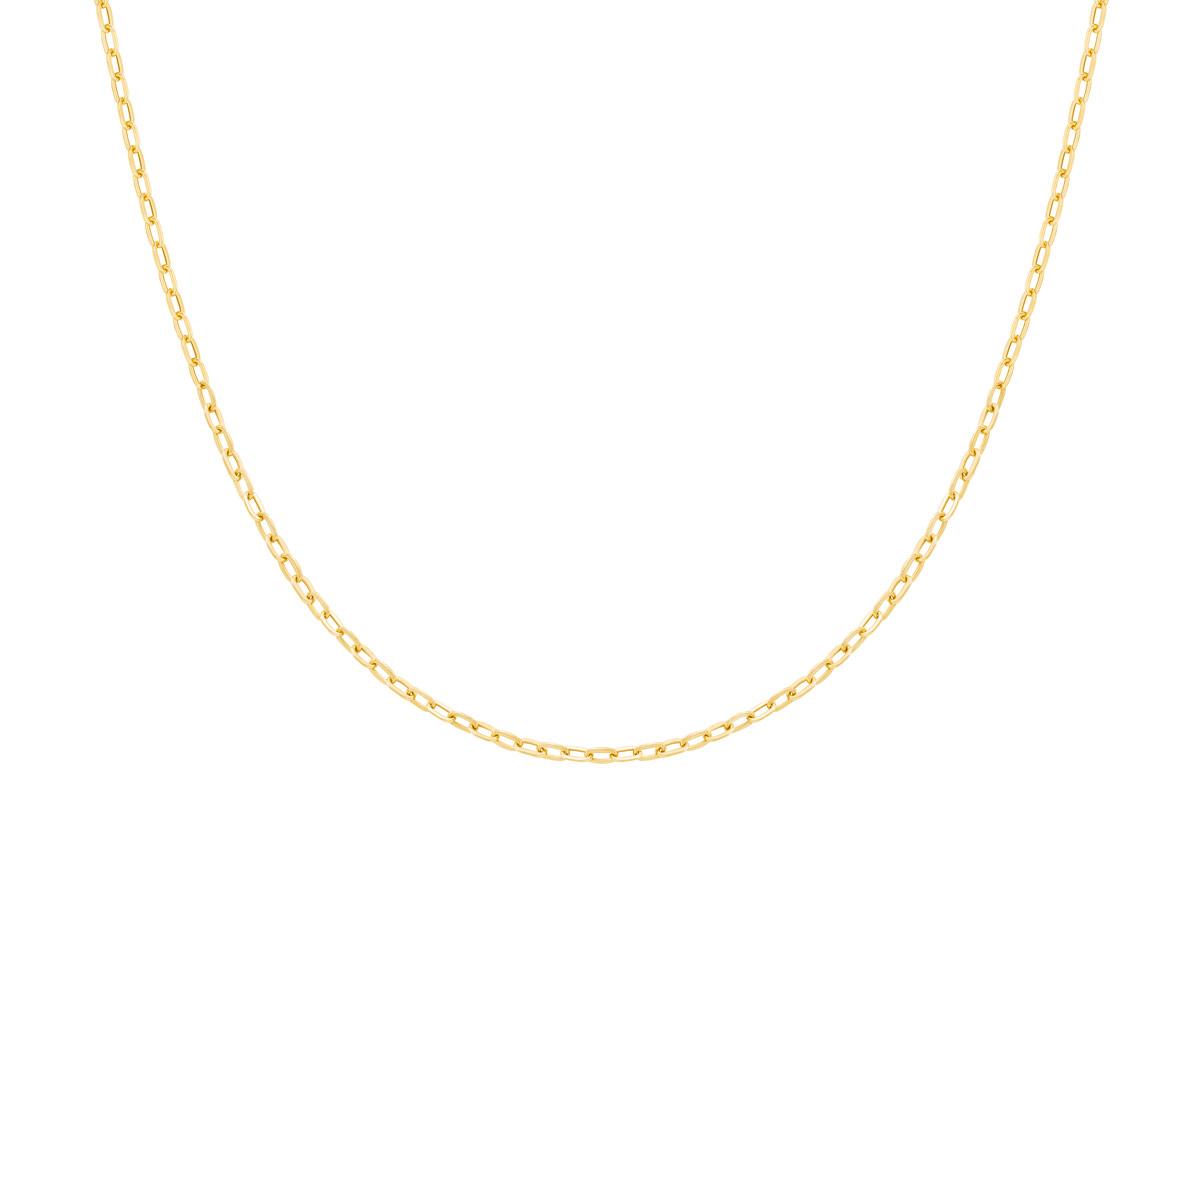 گردنبند طلا زنجیر حلقه ای پرسته